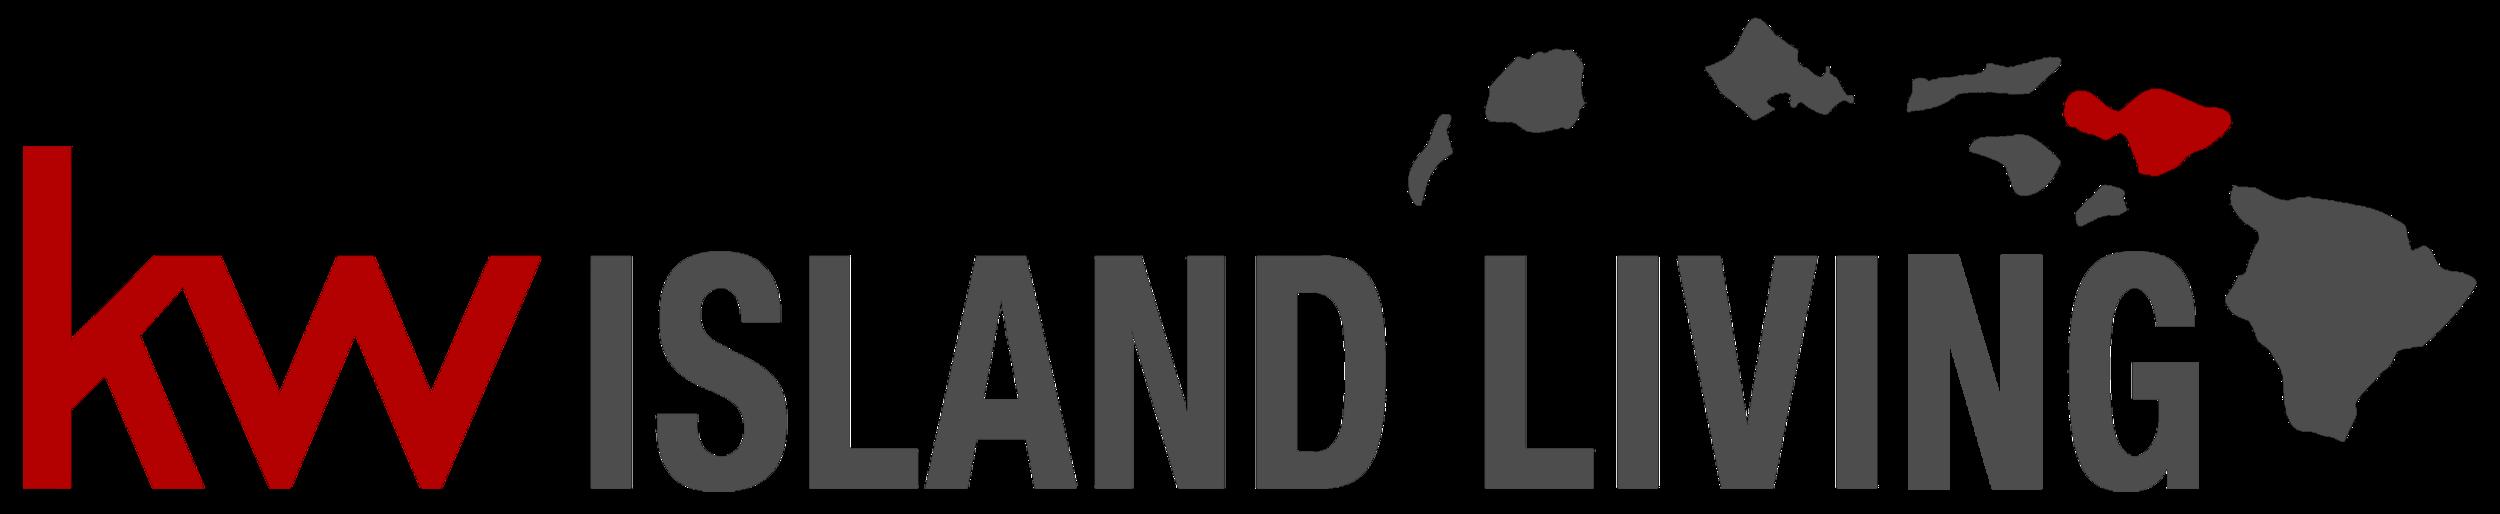 KW Logo Large.png